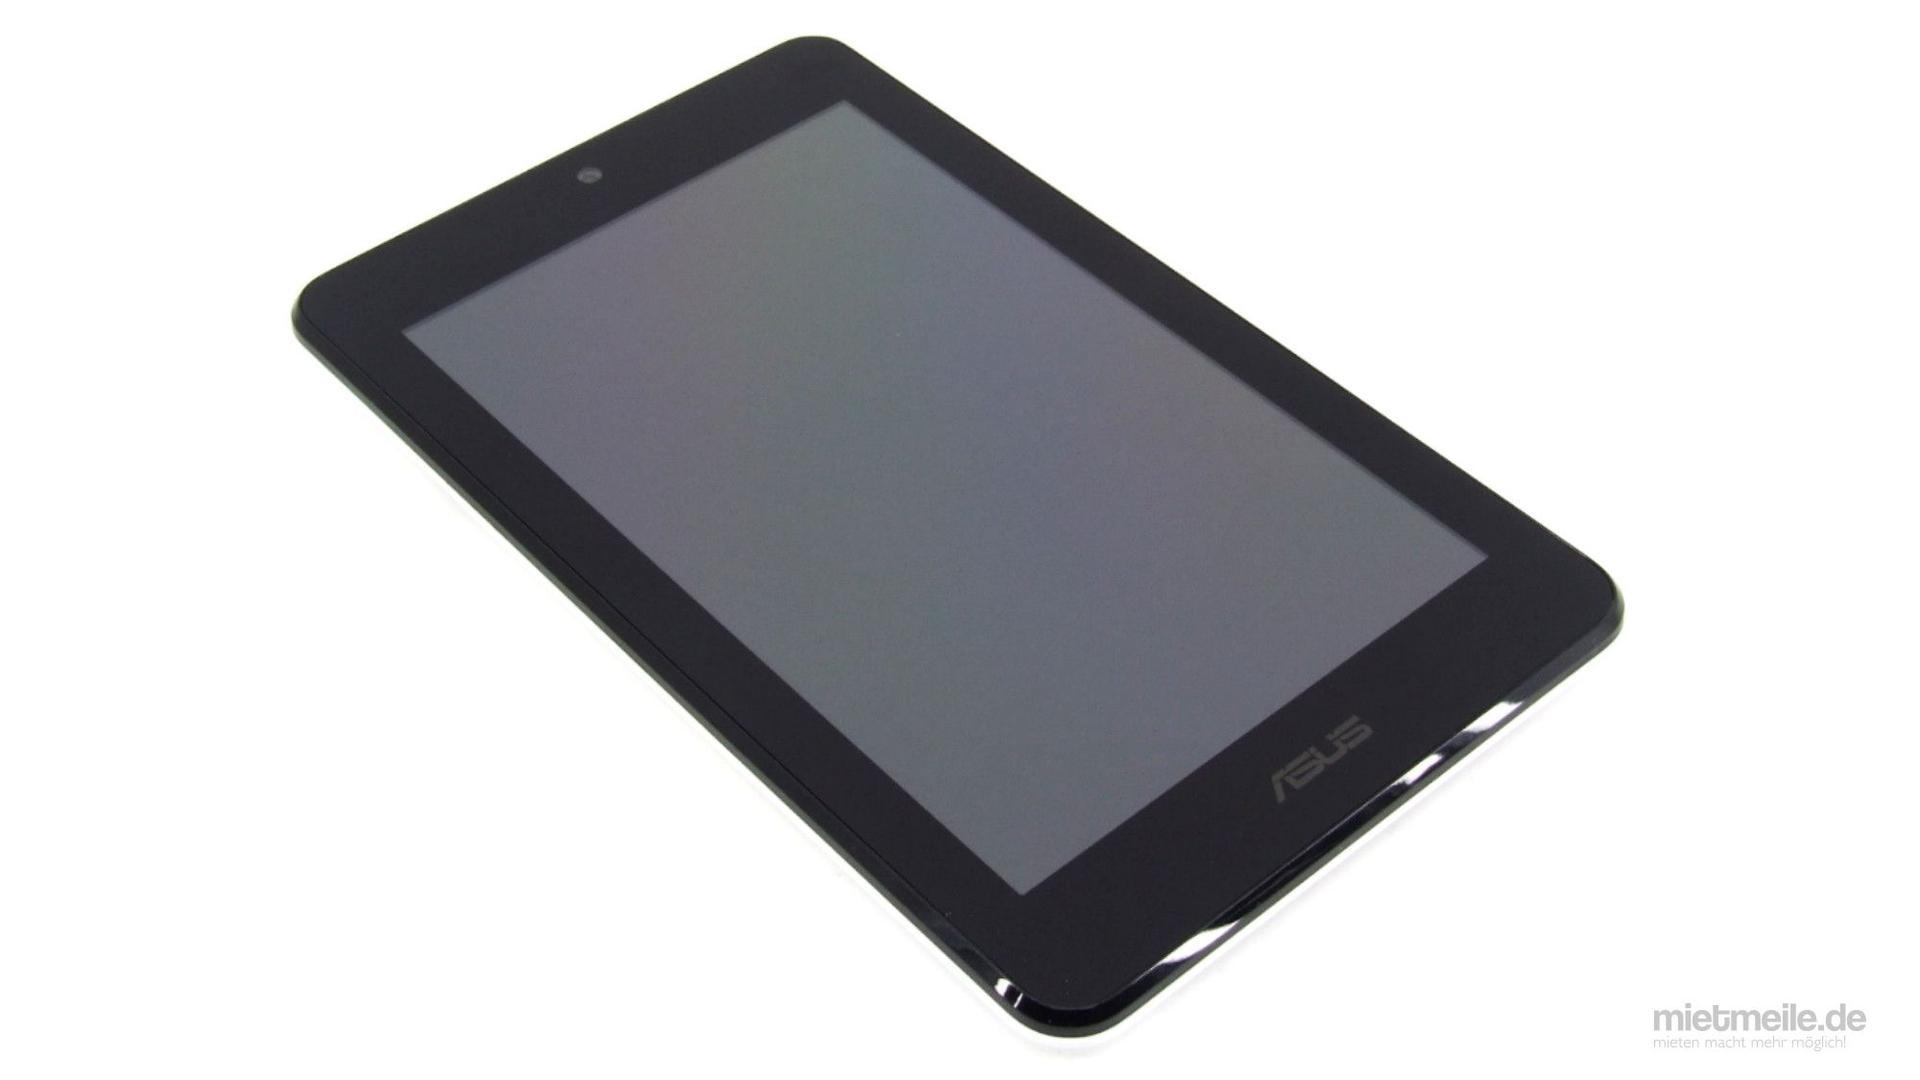 Tablet mieten & vermieten - 7'' Zoll Mini Tablet PC Asus Memo Pad 7 in Schkeuditz